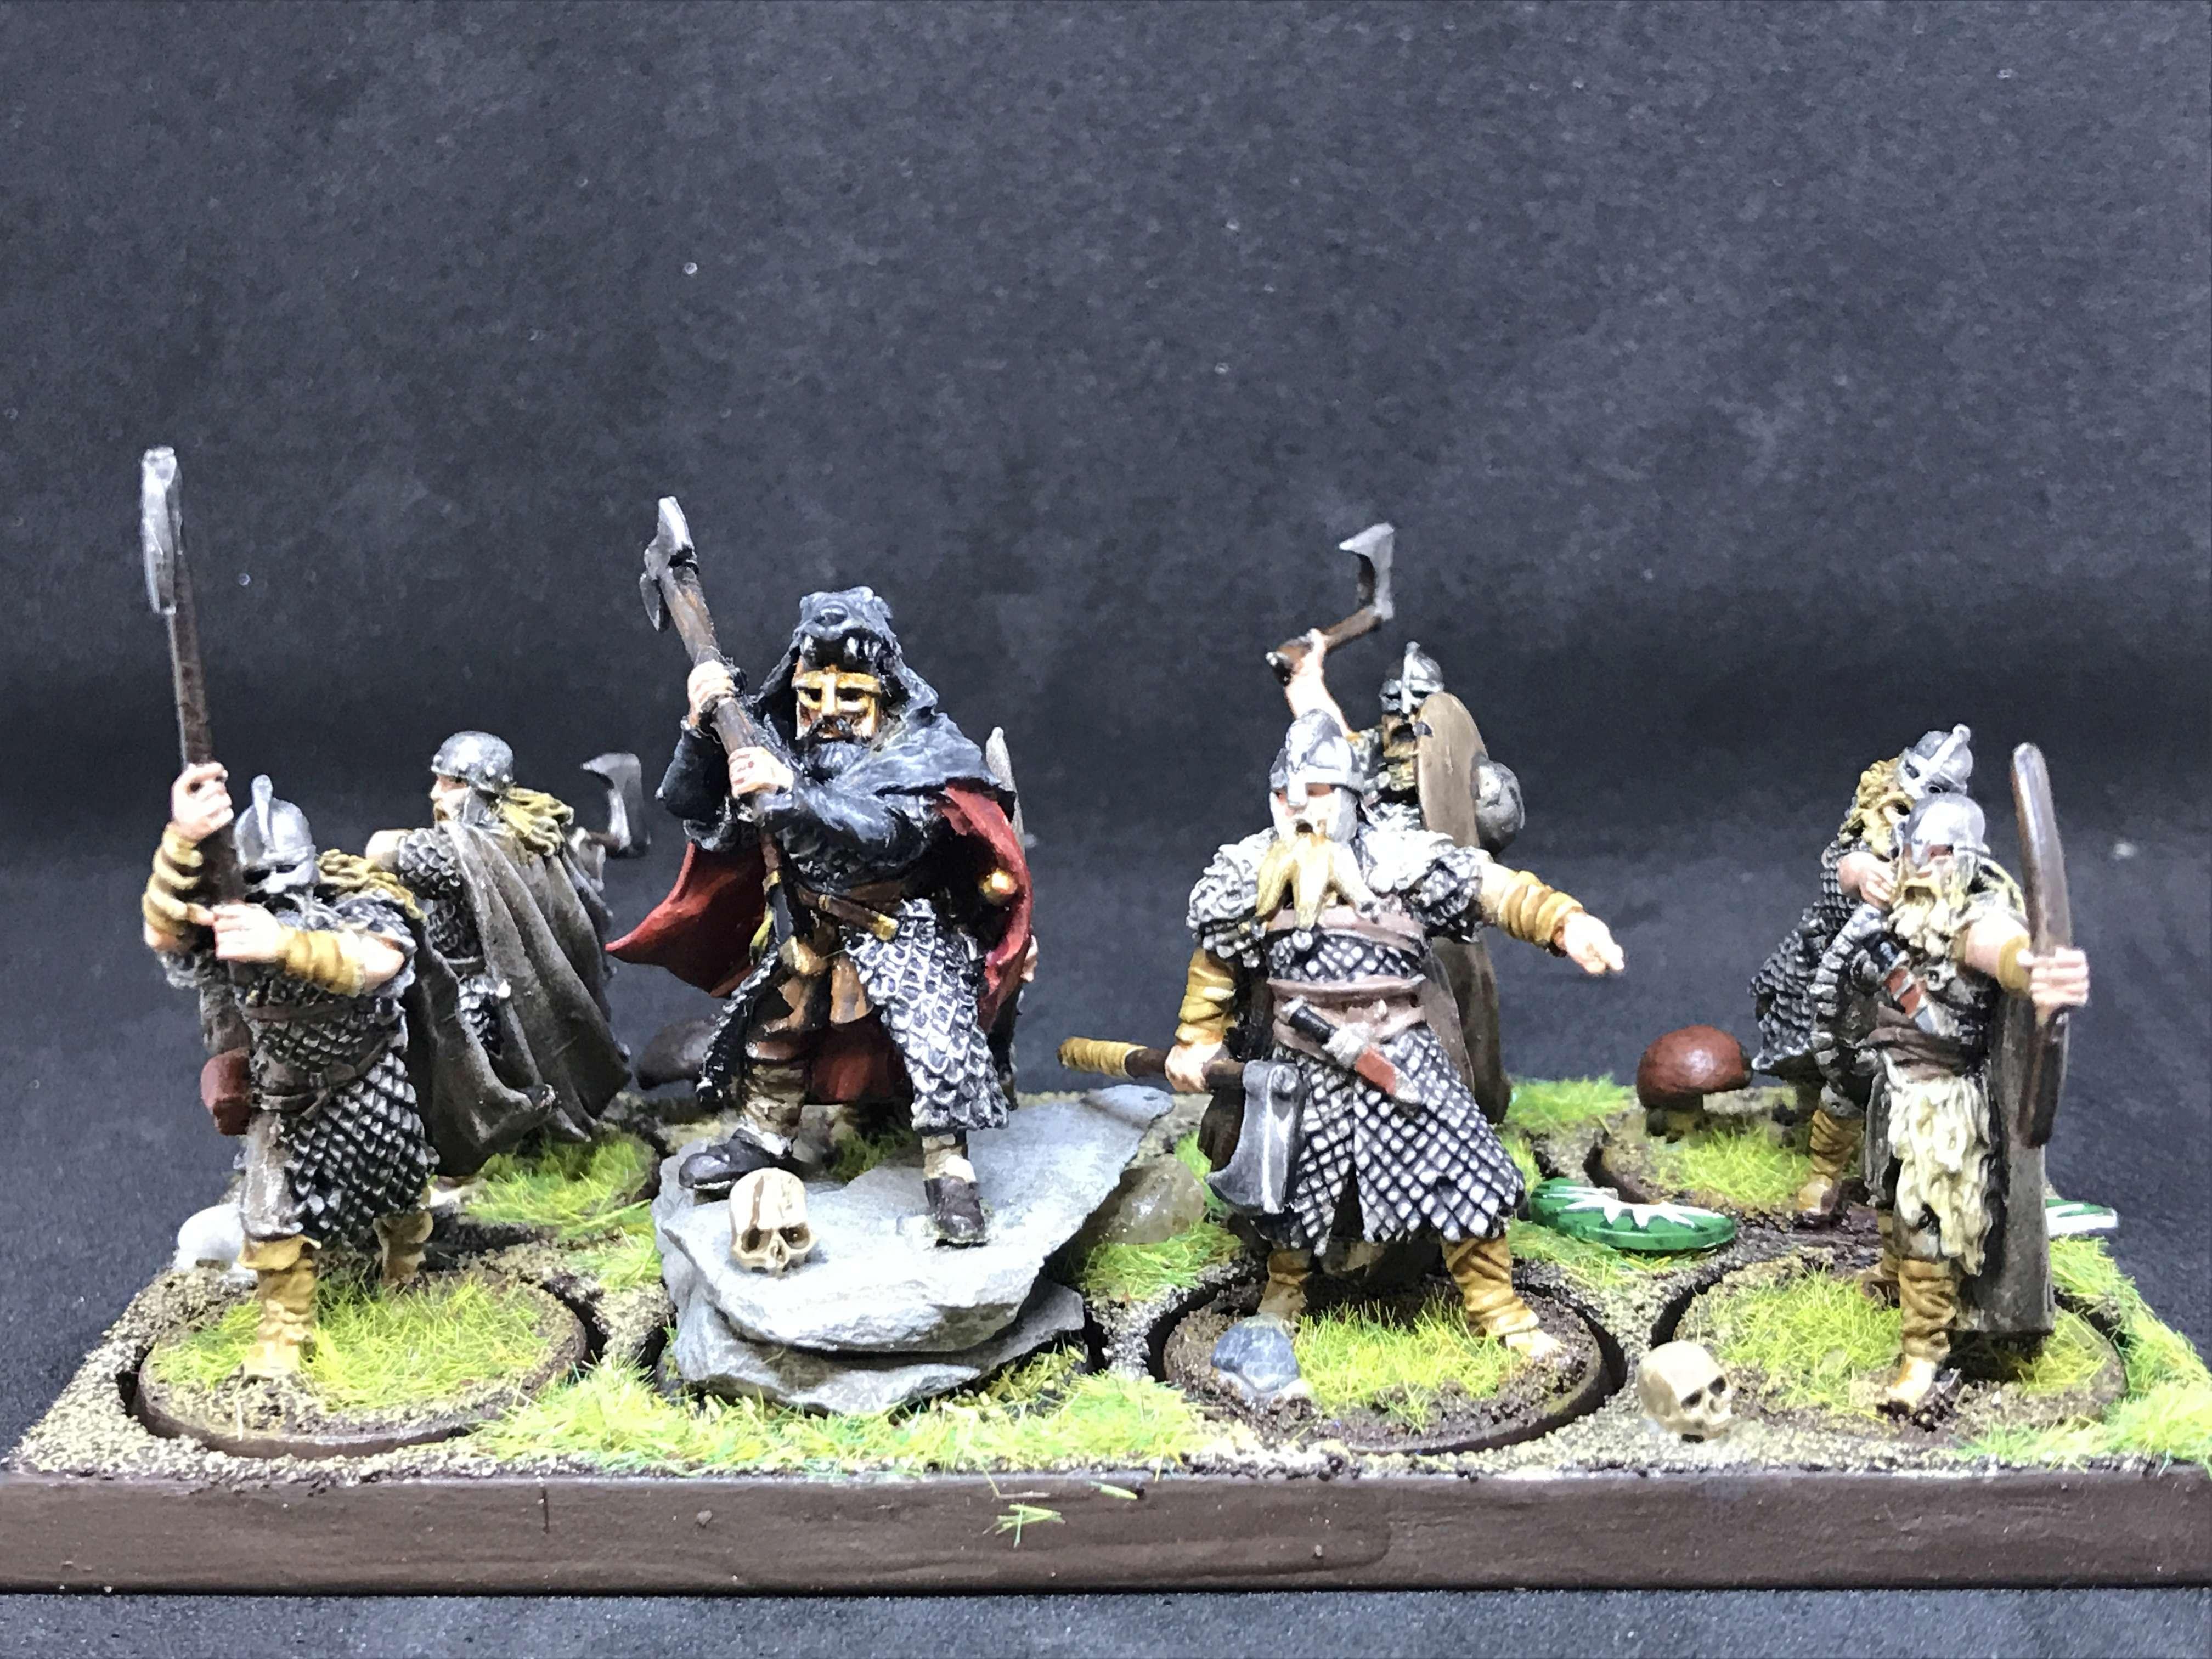 Sauron et ses 10 Armées - L' Armée de L'Immortel - Page 2 45e71610